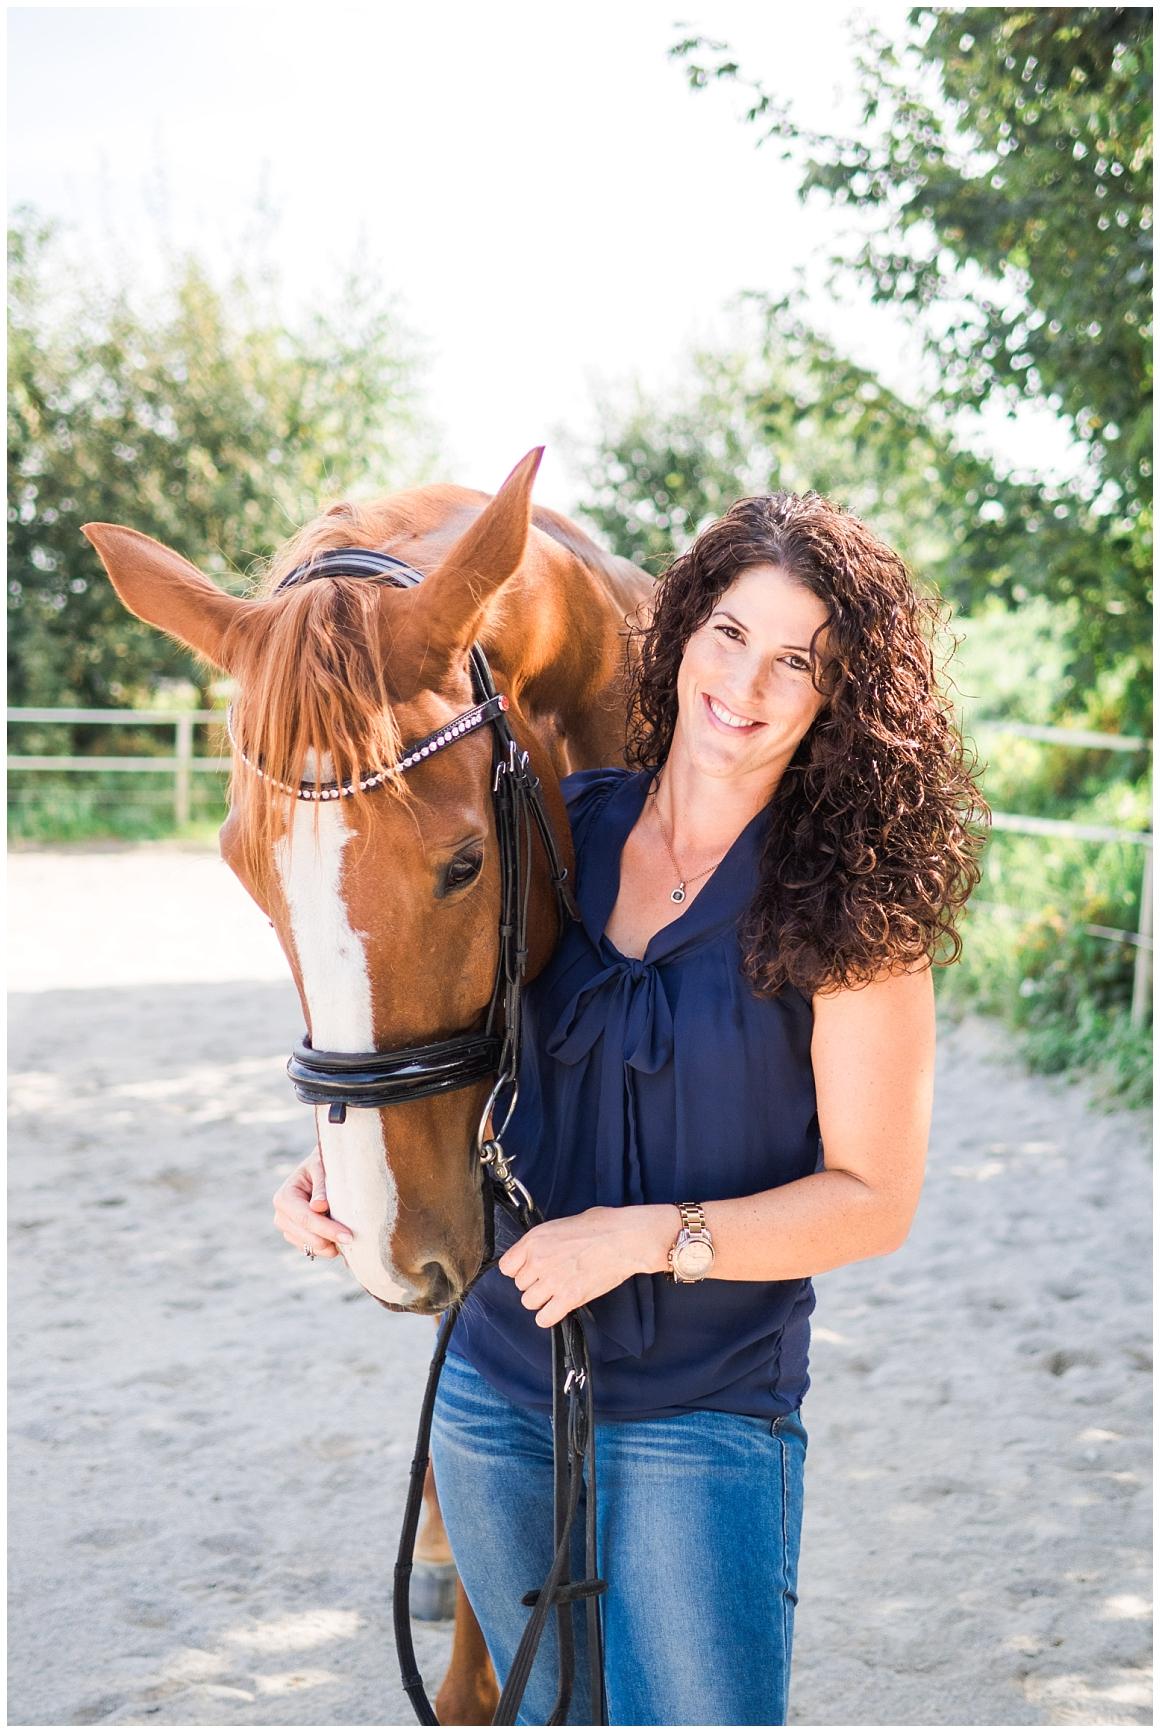 portraitfotos-mit-pferd-pferdefotograf-münchen-rosenheim-natürliche-fotos-katrin-kind-photography_0003.jpg